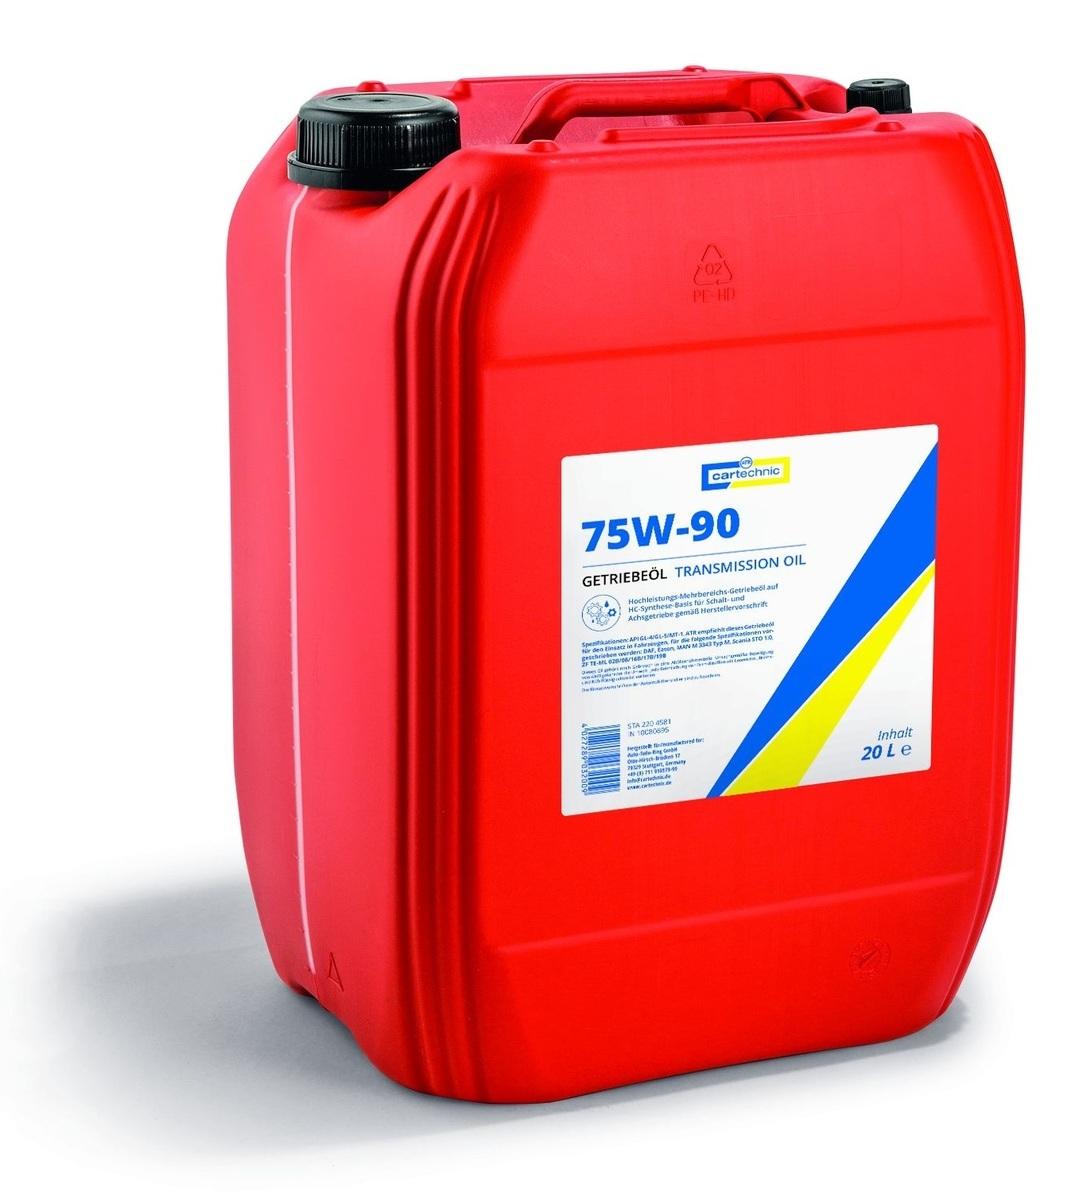 Převodový olej 75W-90 pro velmi namáhané převodovky, 20 litrů - Cartechnic